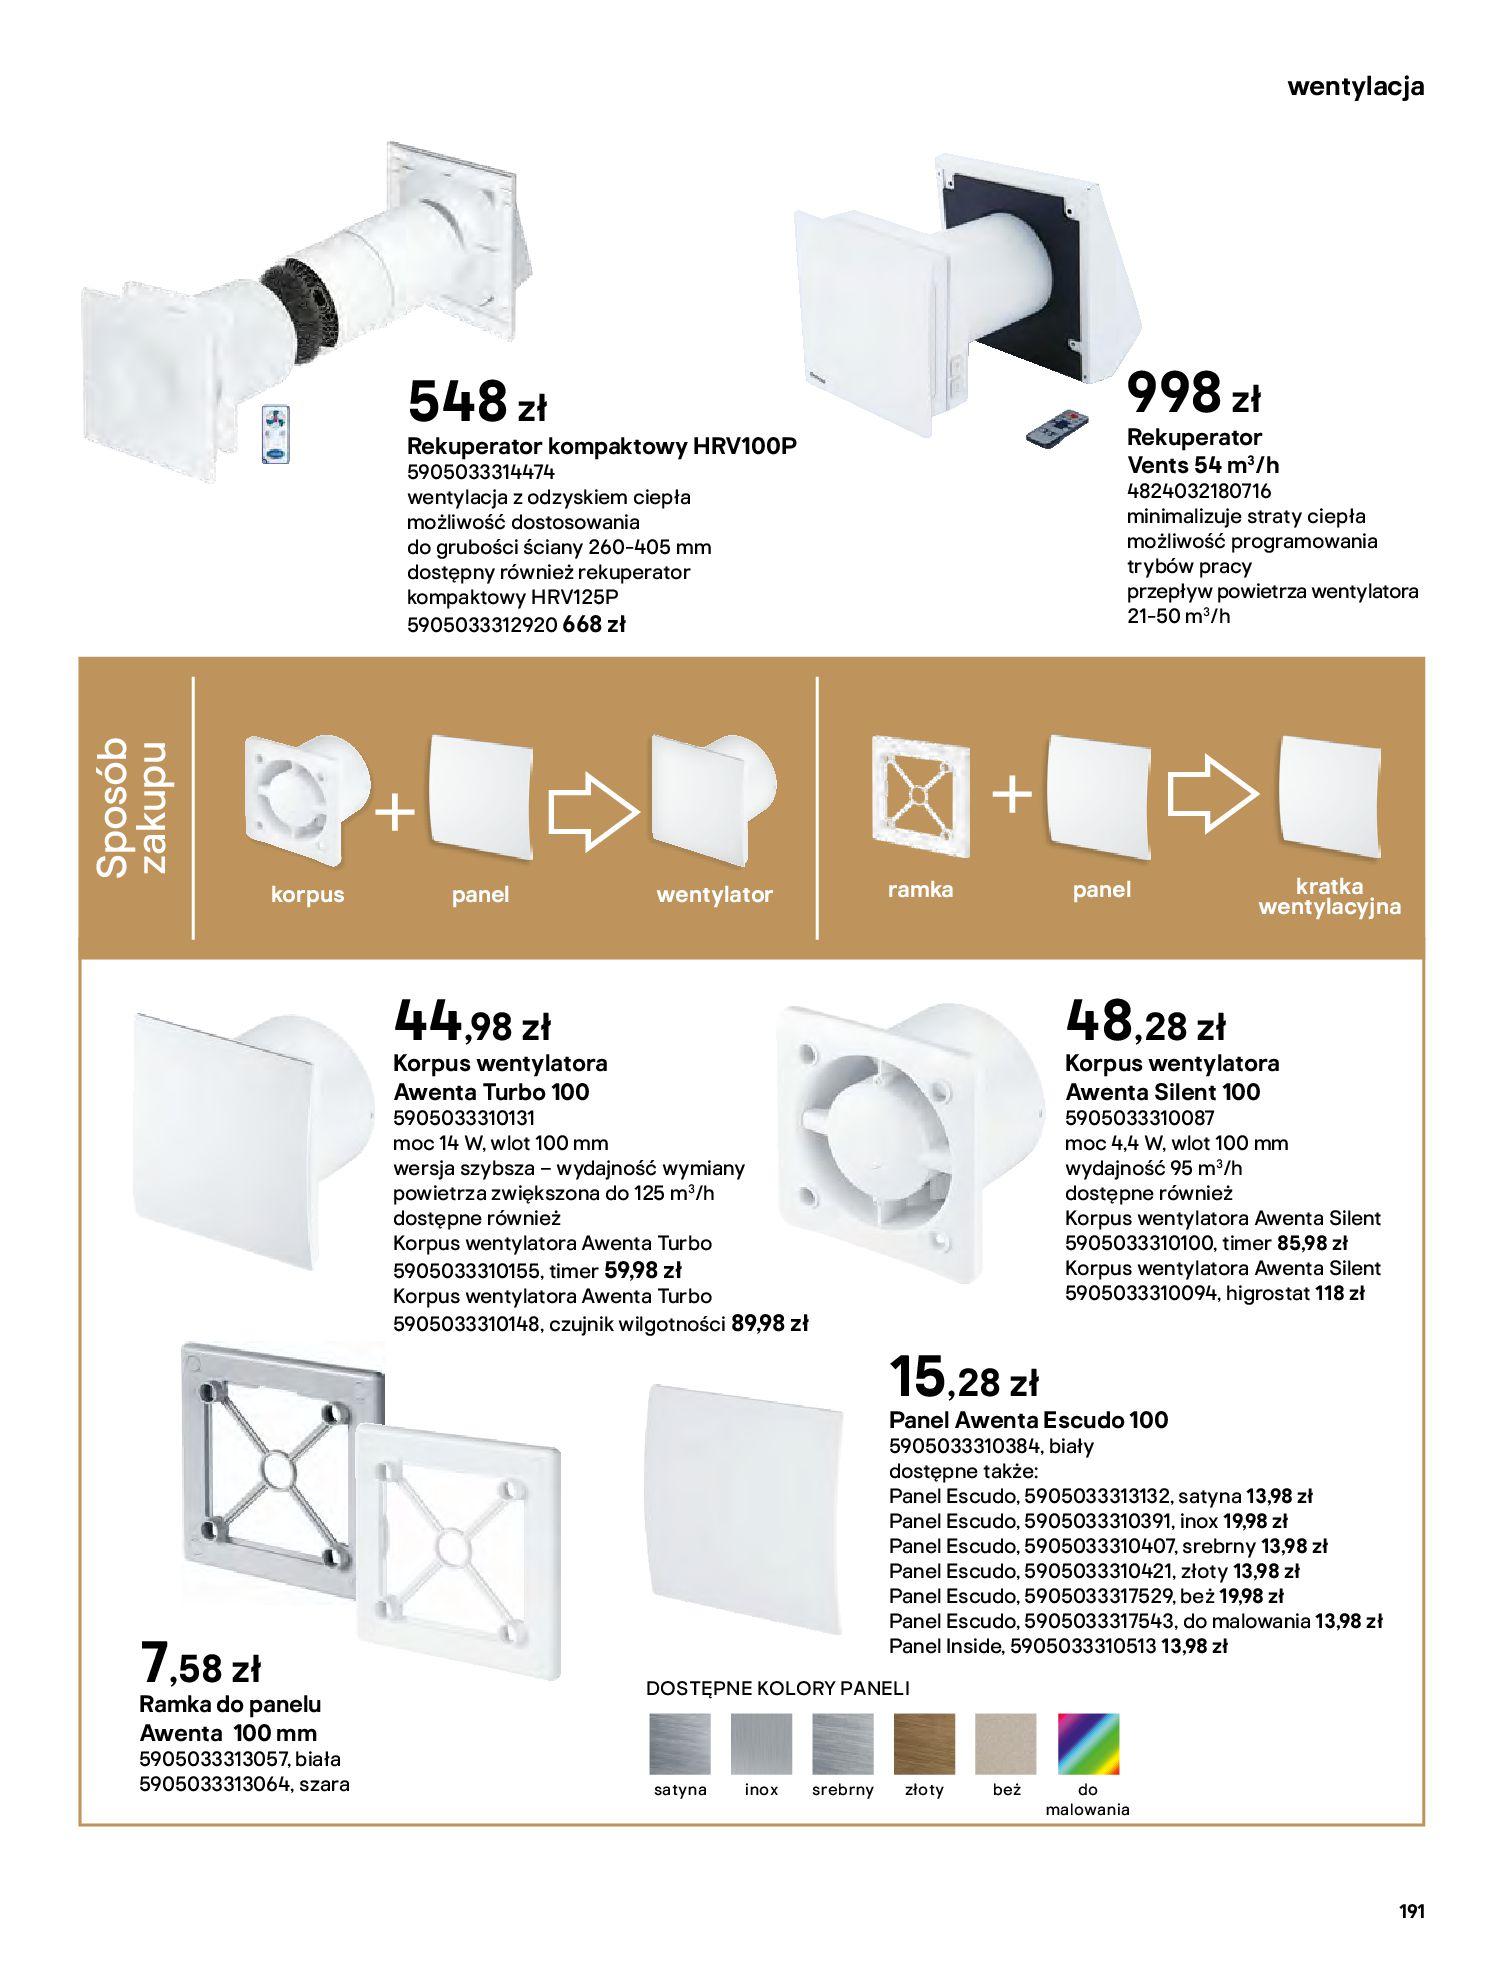 Gazetka Castorama: Gazetka Castorama - katalog łazienki 2021 2021-06-16 page-191